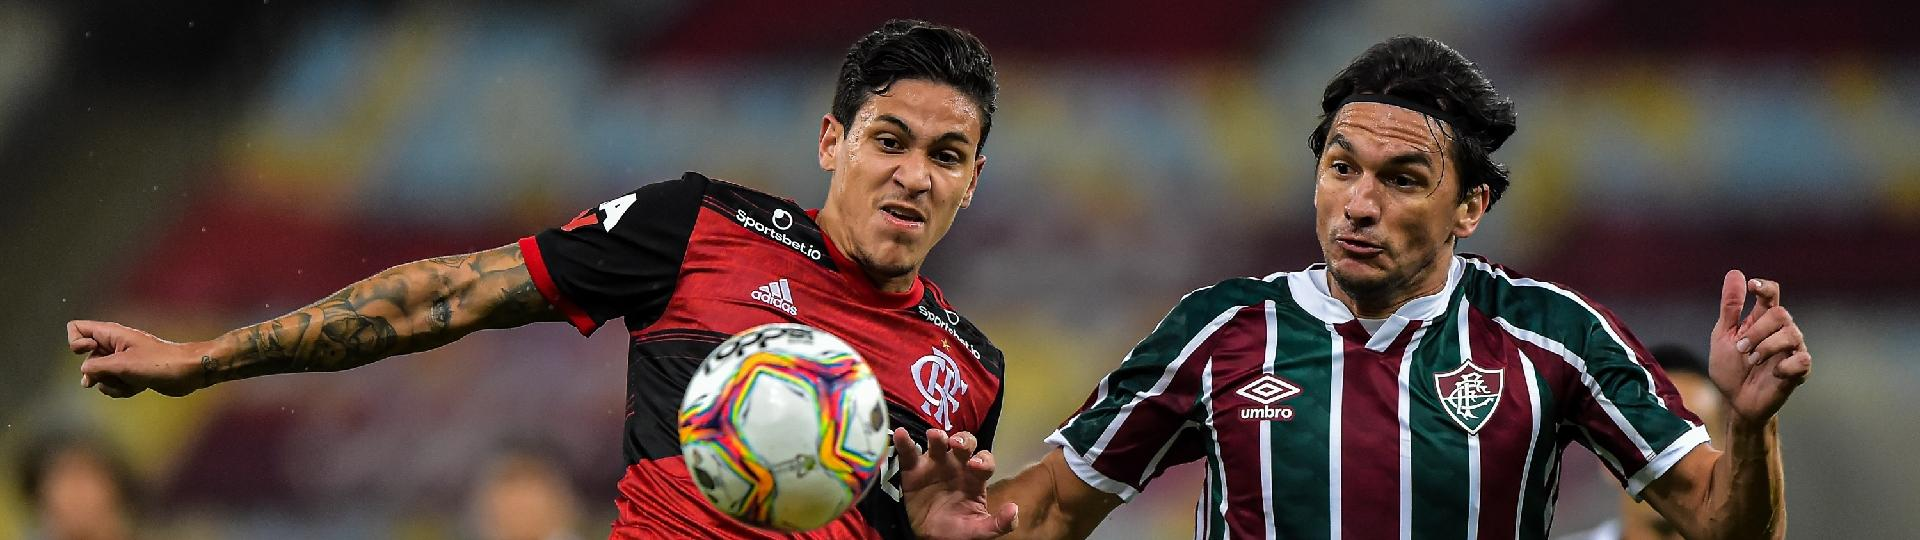 Pedro, do Flamengo, e Matheus Ferraz, do Fluminense, disputam bola na final do Carioca 2020